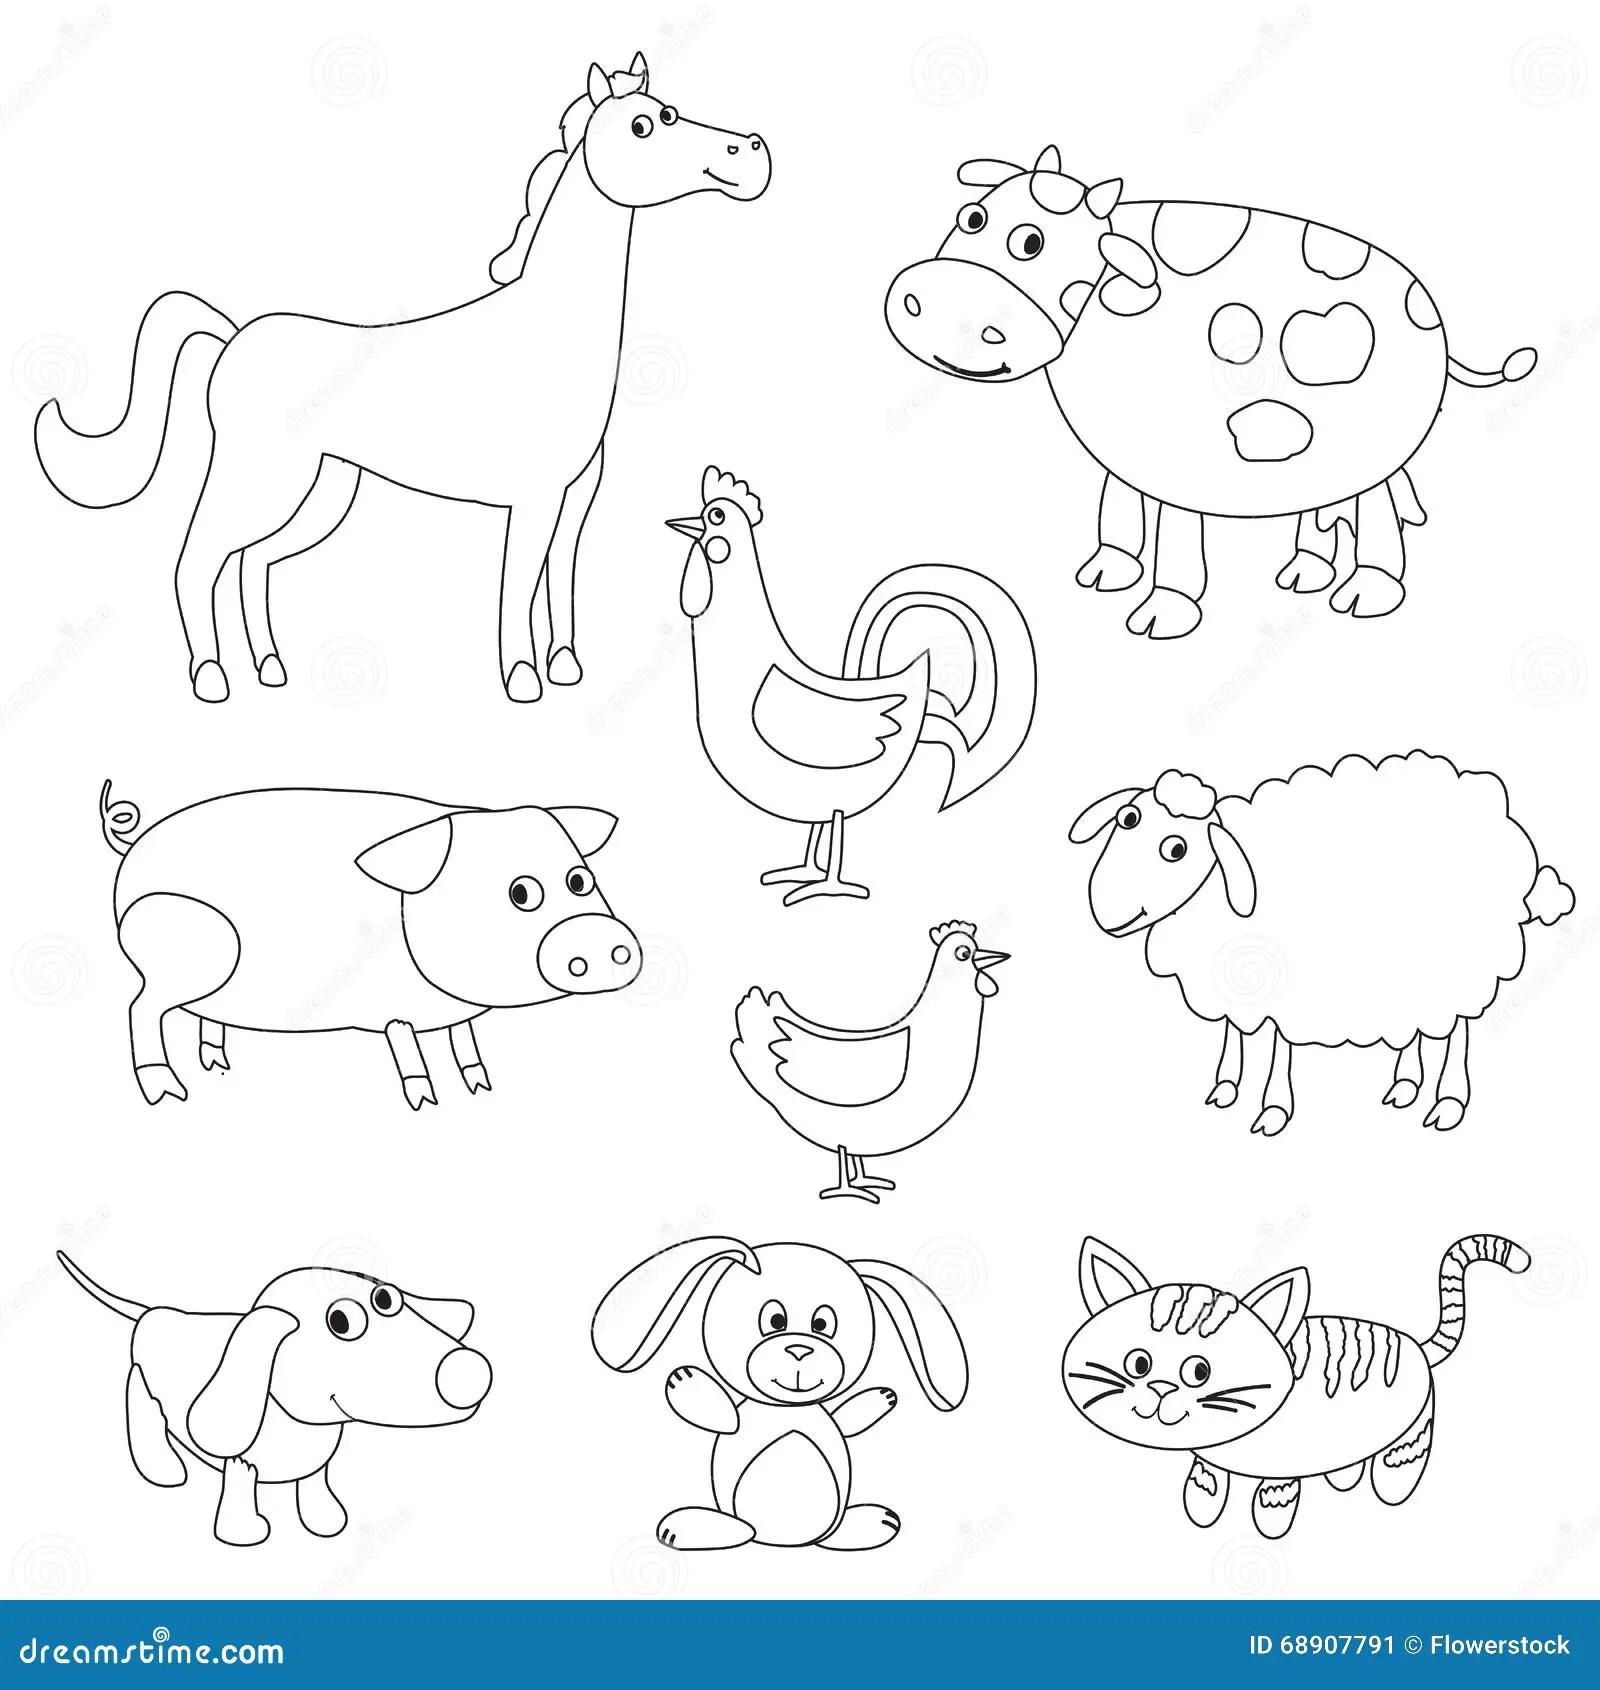 Cute Cartoon Farm Animals And Birds For Coloring Book Stock Vector